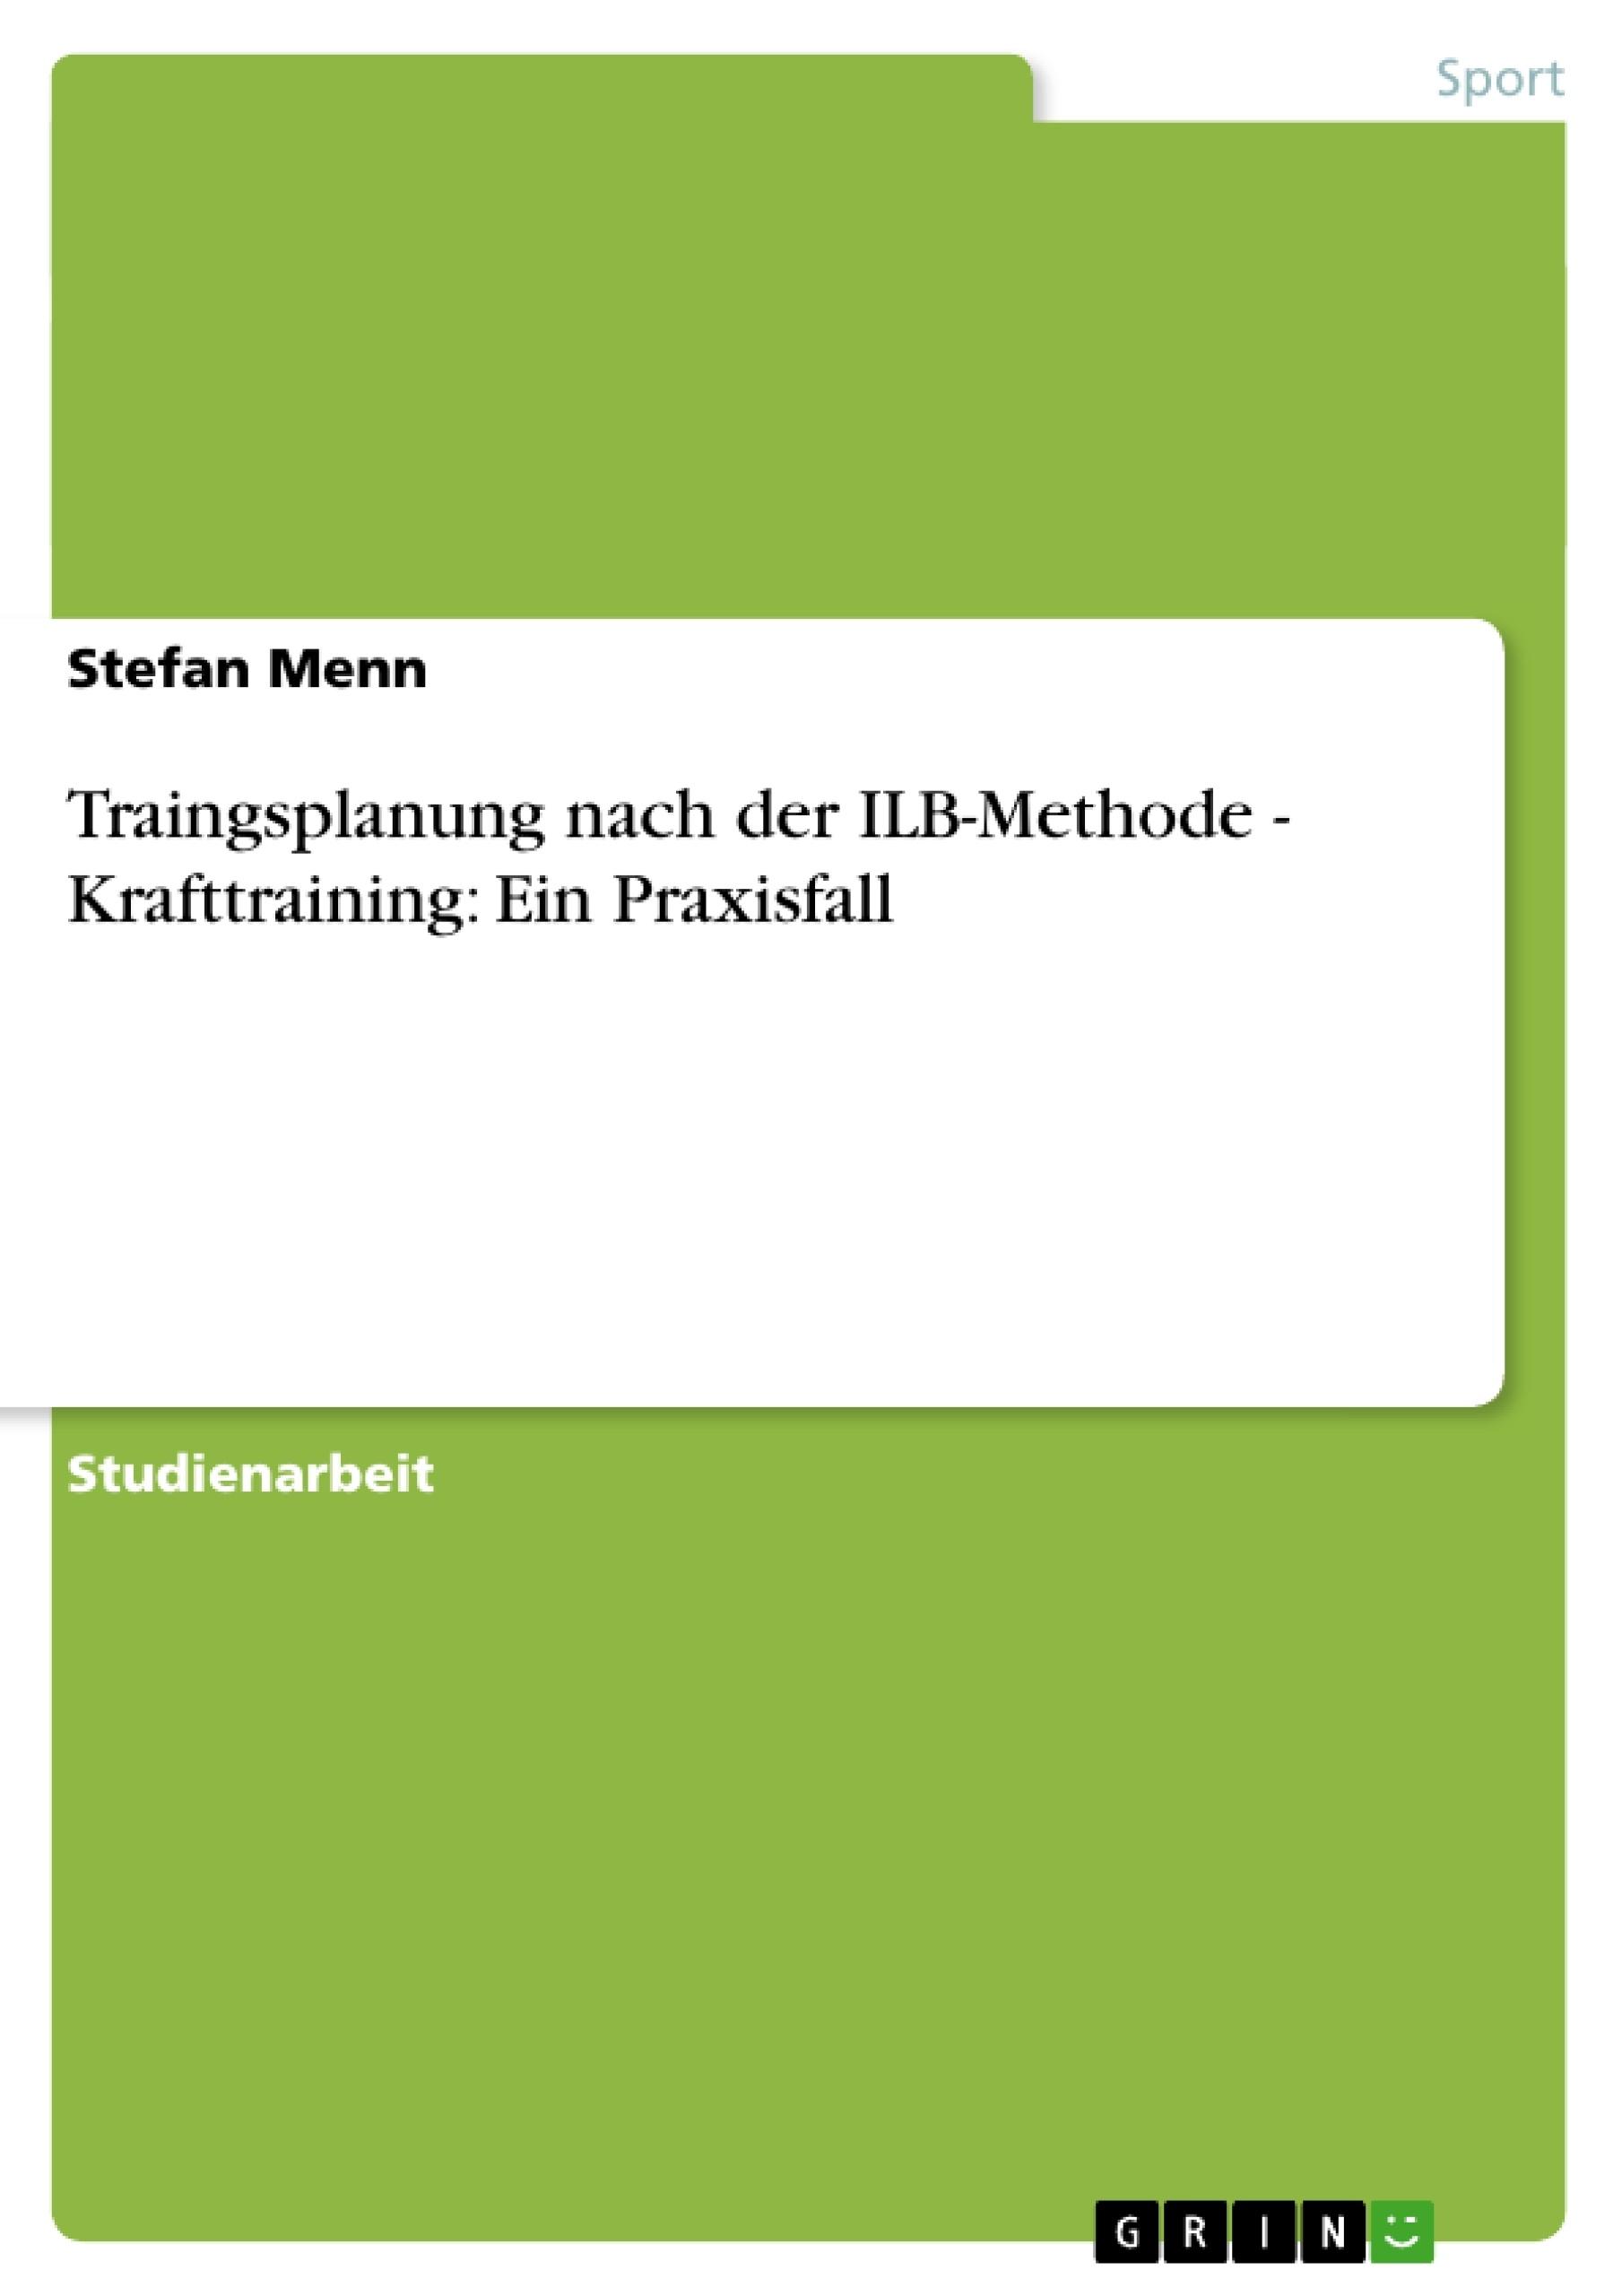 Titel: Traingsplanung nach der ILB-Methode - Krafttraining: Ein Praxisfall